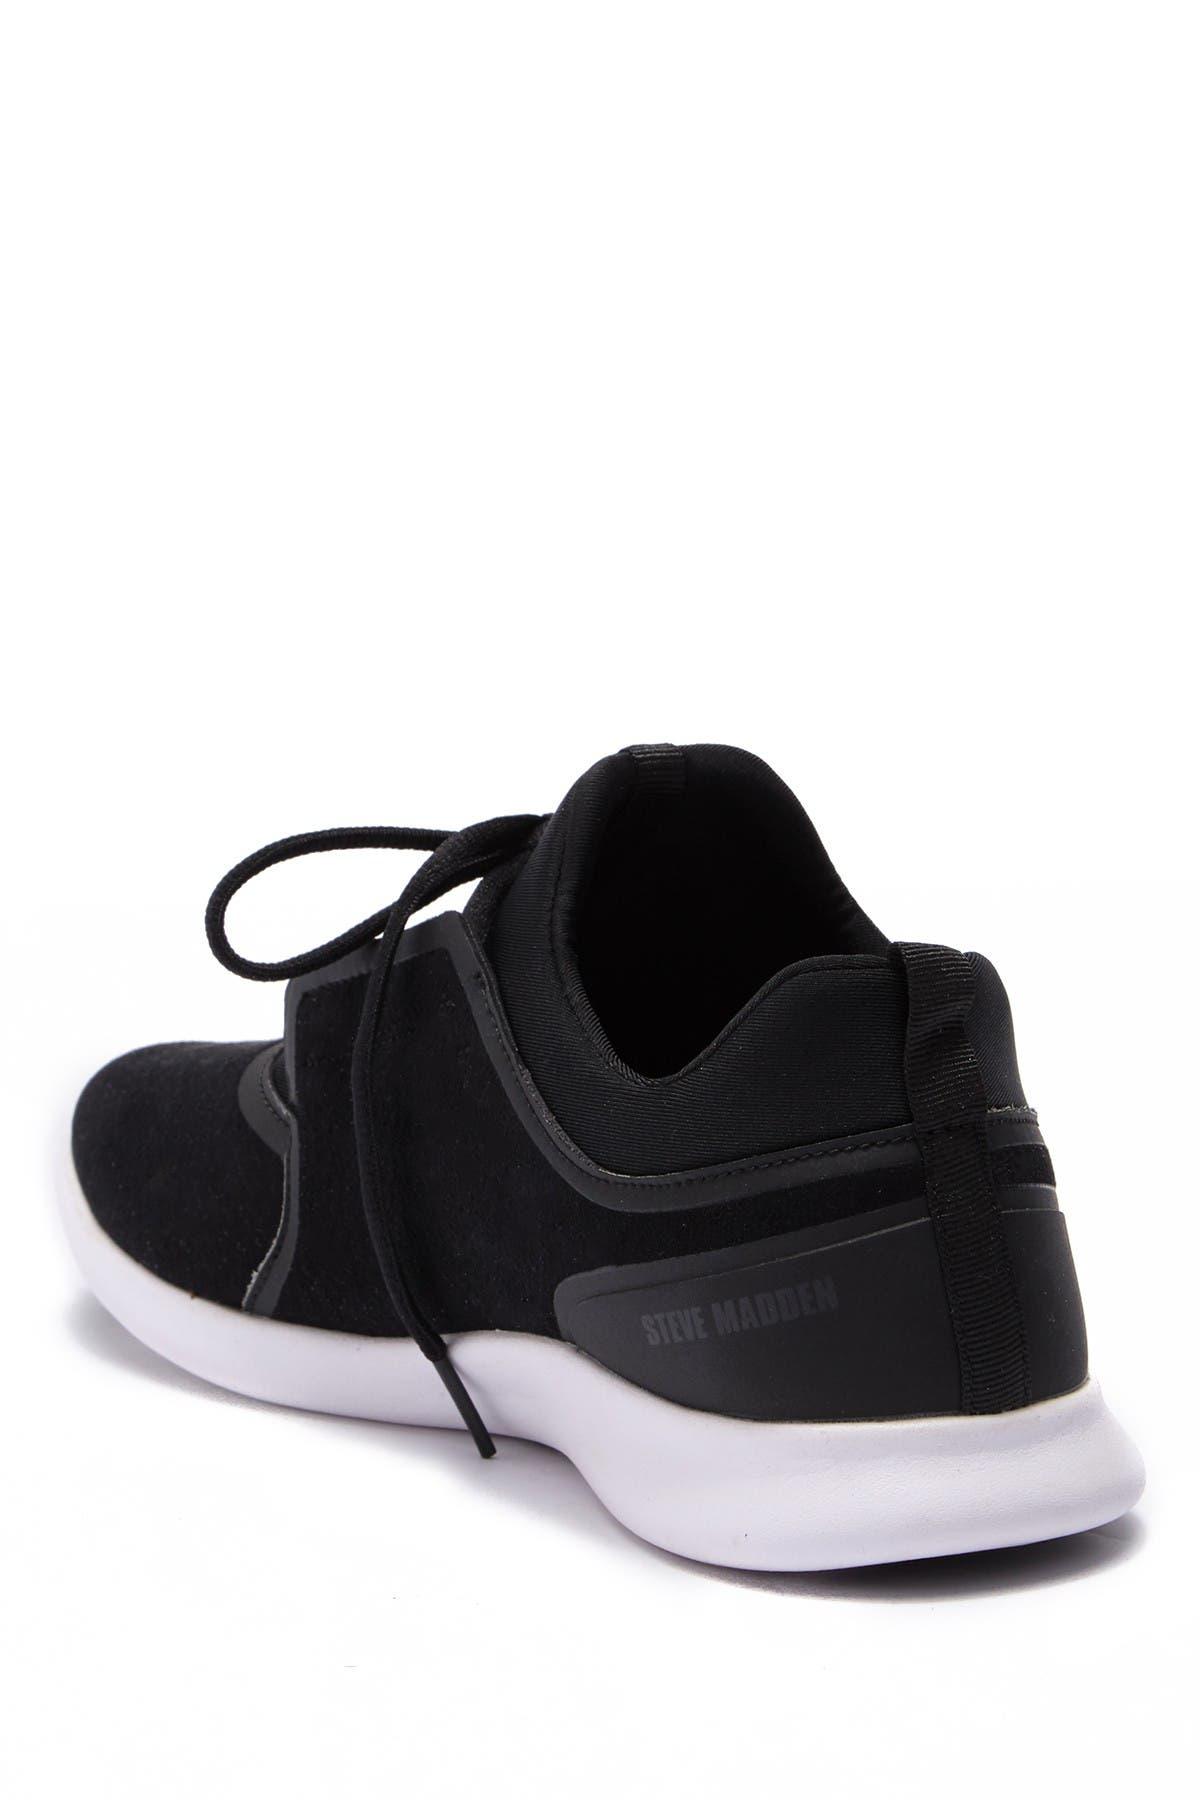 Steve Madden | Chyll Update Sneaker